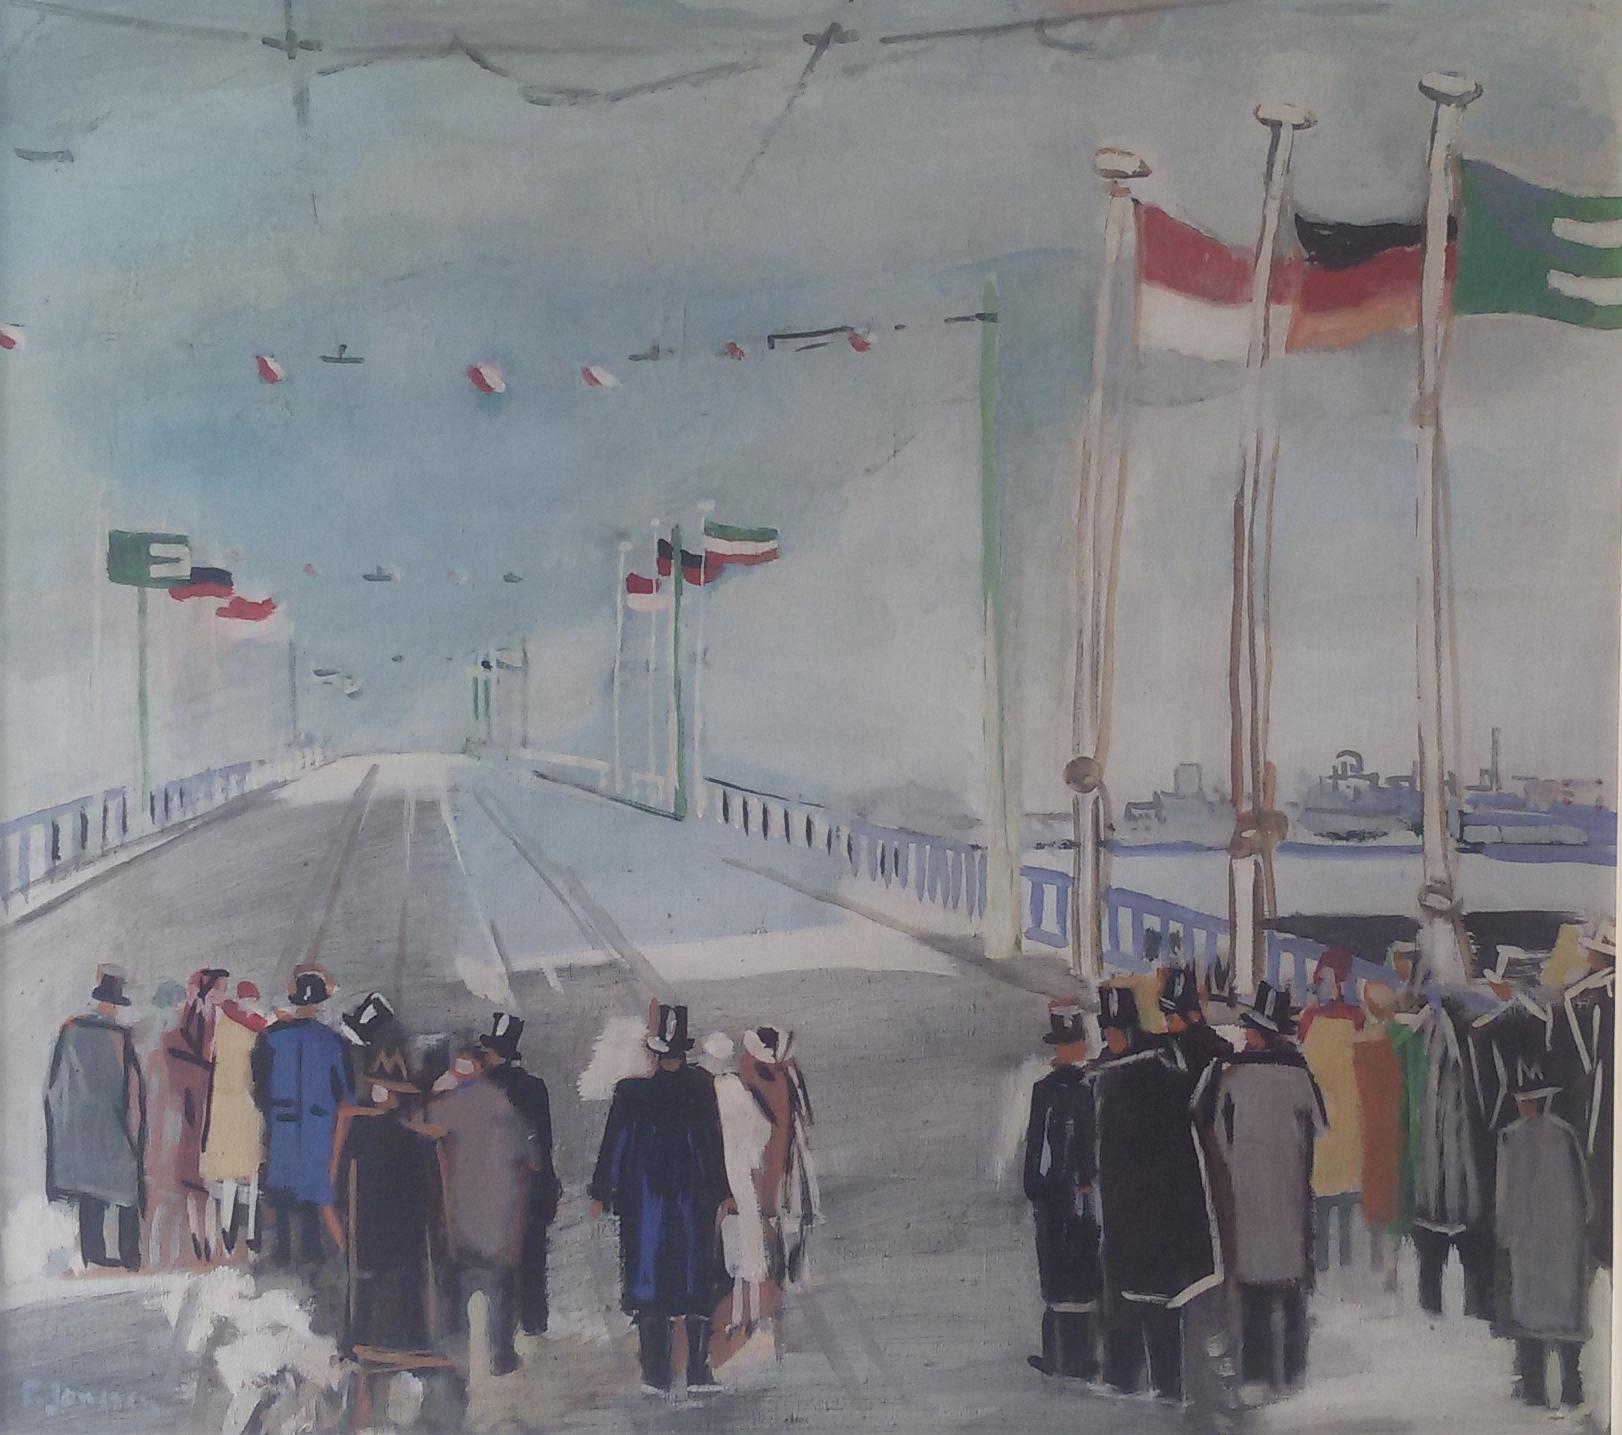 Einweoihung der Neusser Brücke, 1951,  Gemälde von Peter Janssen, für vergrößerte Ansicht hier klicken!